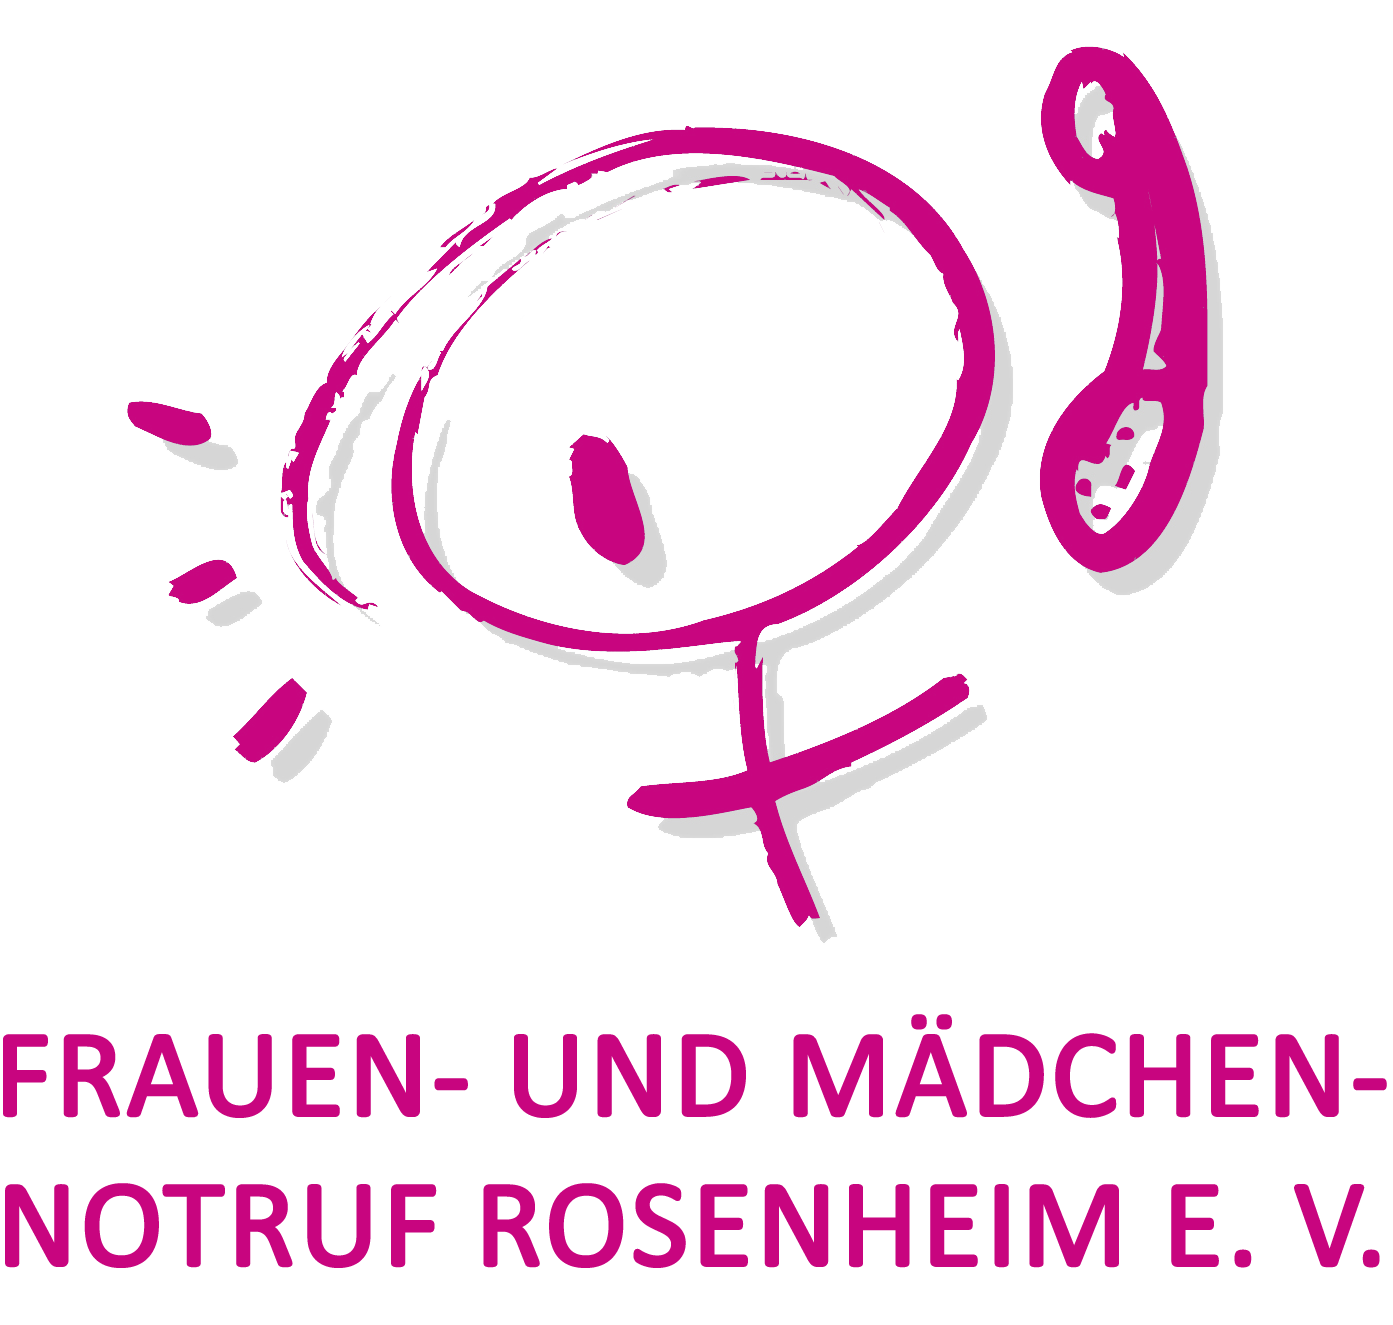 Frauen- und Mädchennotruf Rosenheim e.V.